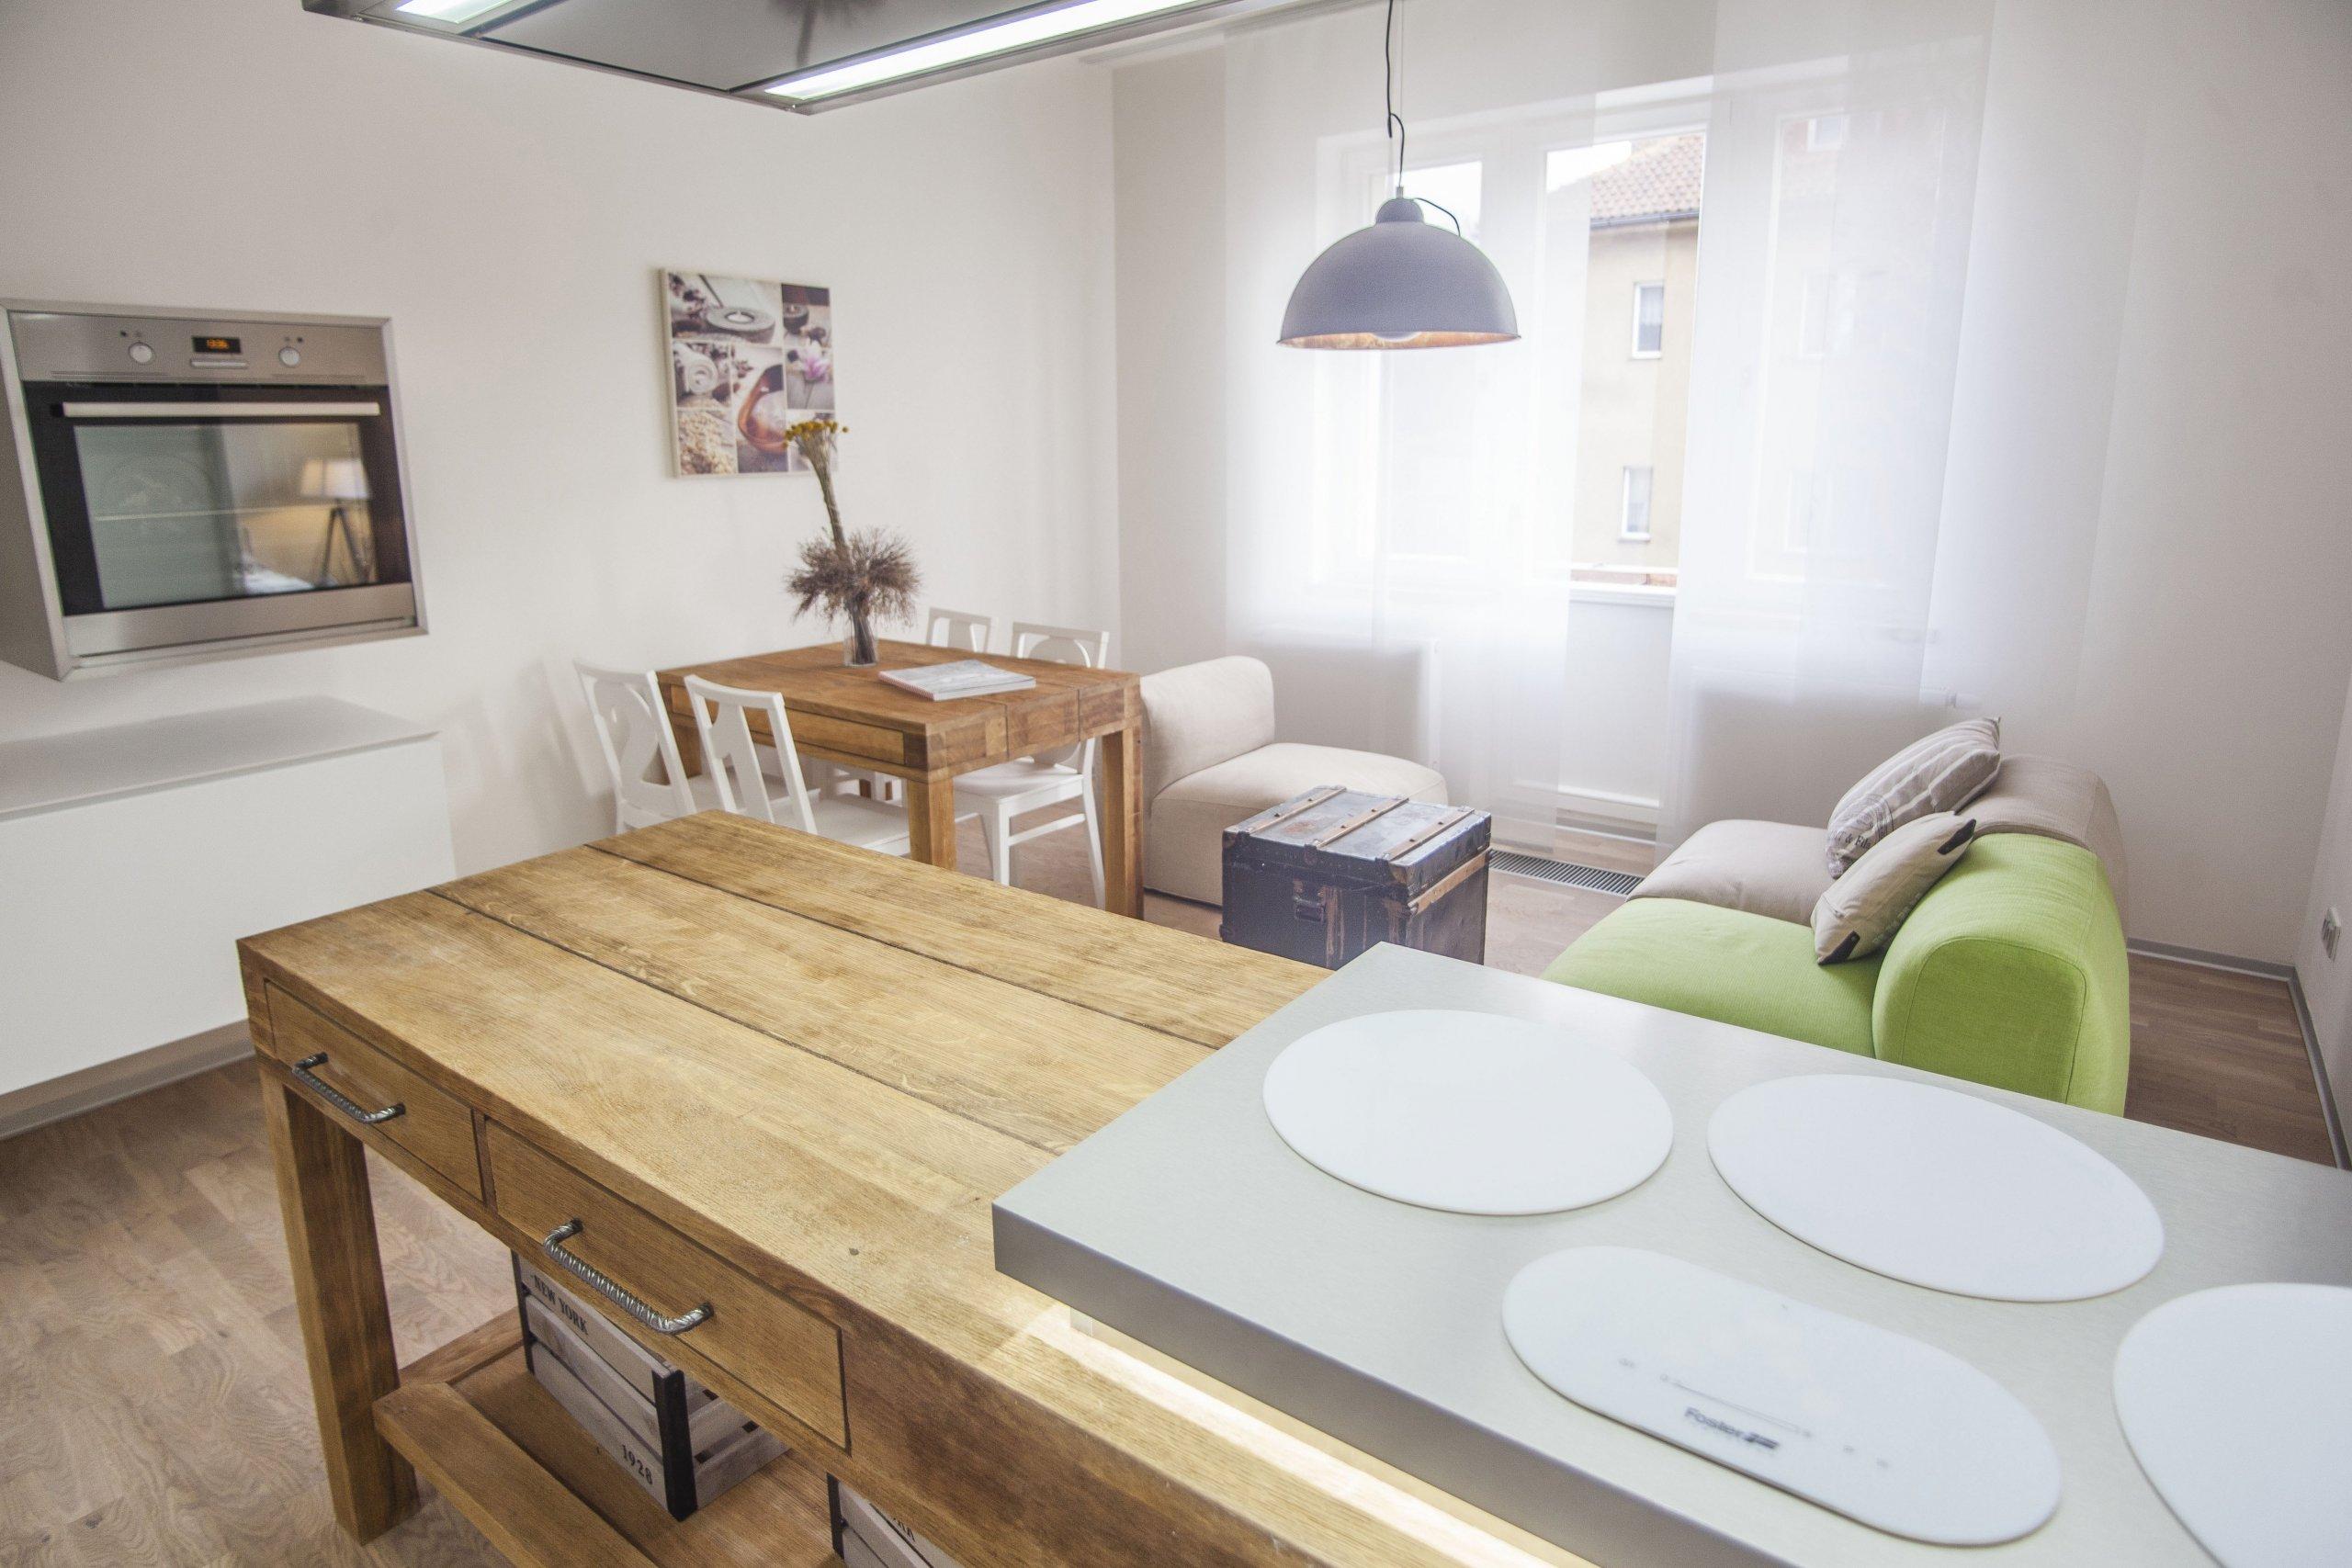 Kuchyň v americkém stylu Colonial dokonale propojuje na první pohled zdánlivě nesourodé kovové plochy s přírodními dřevěnými stoly. Netradičních prvků je v…